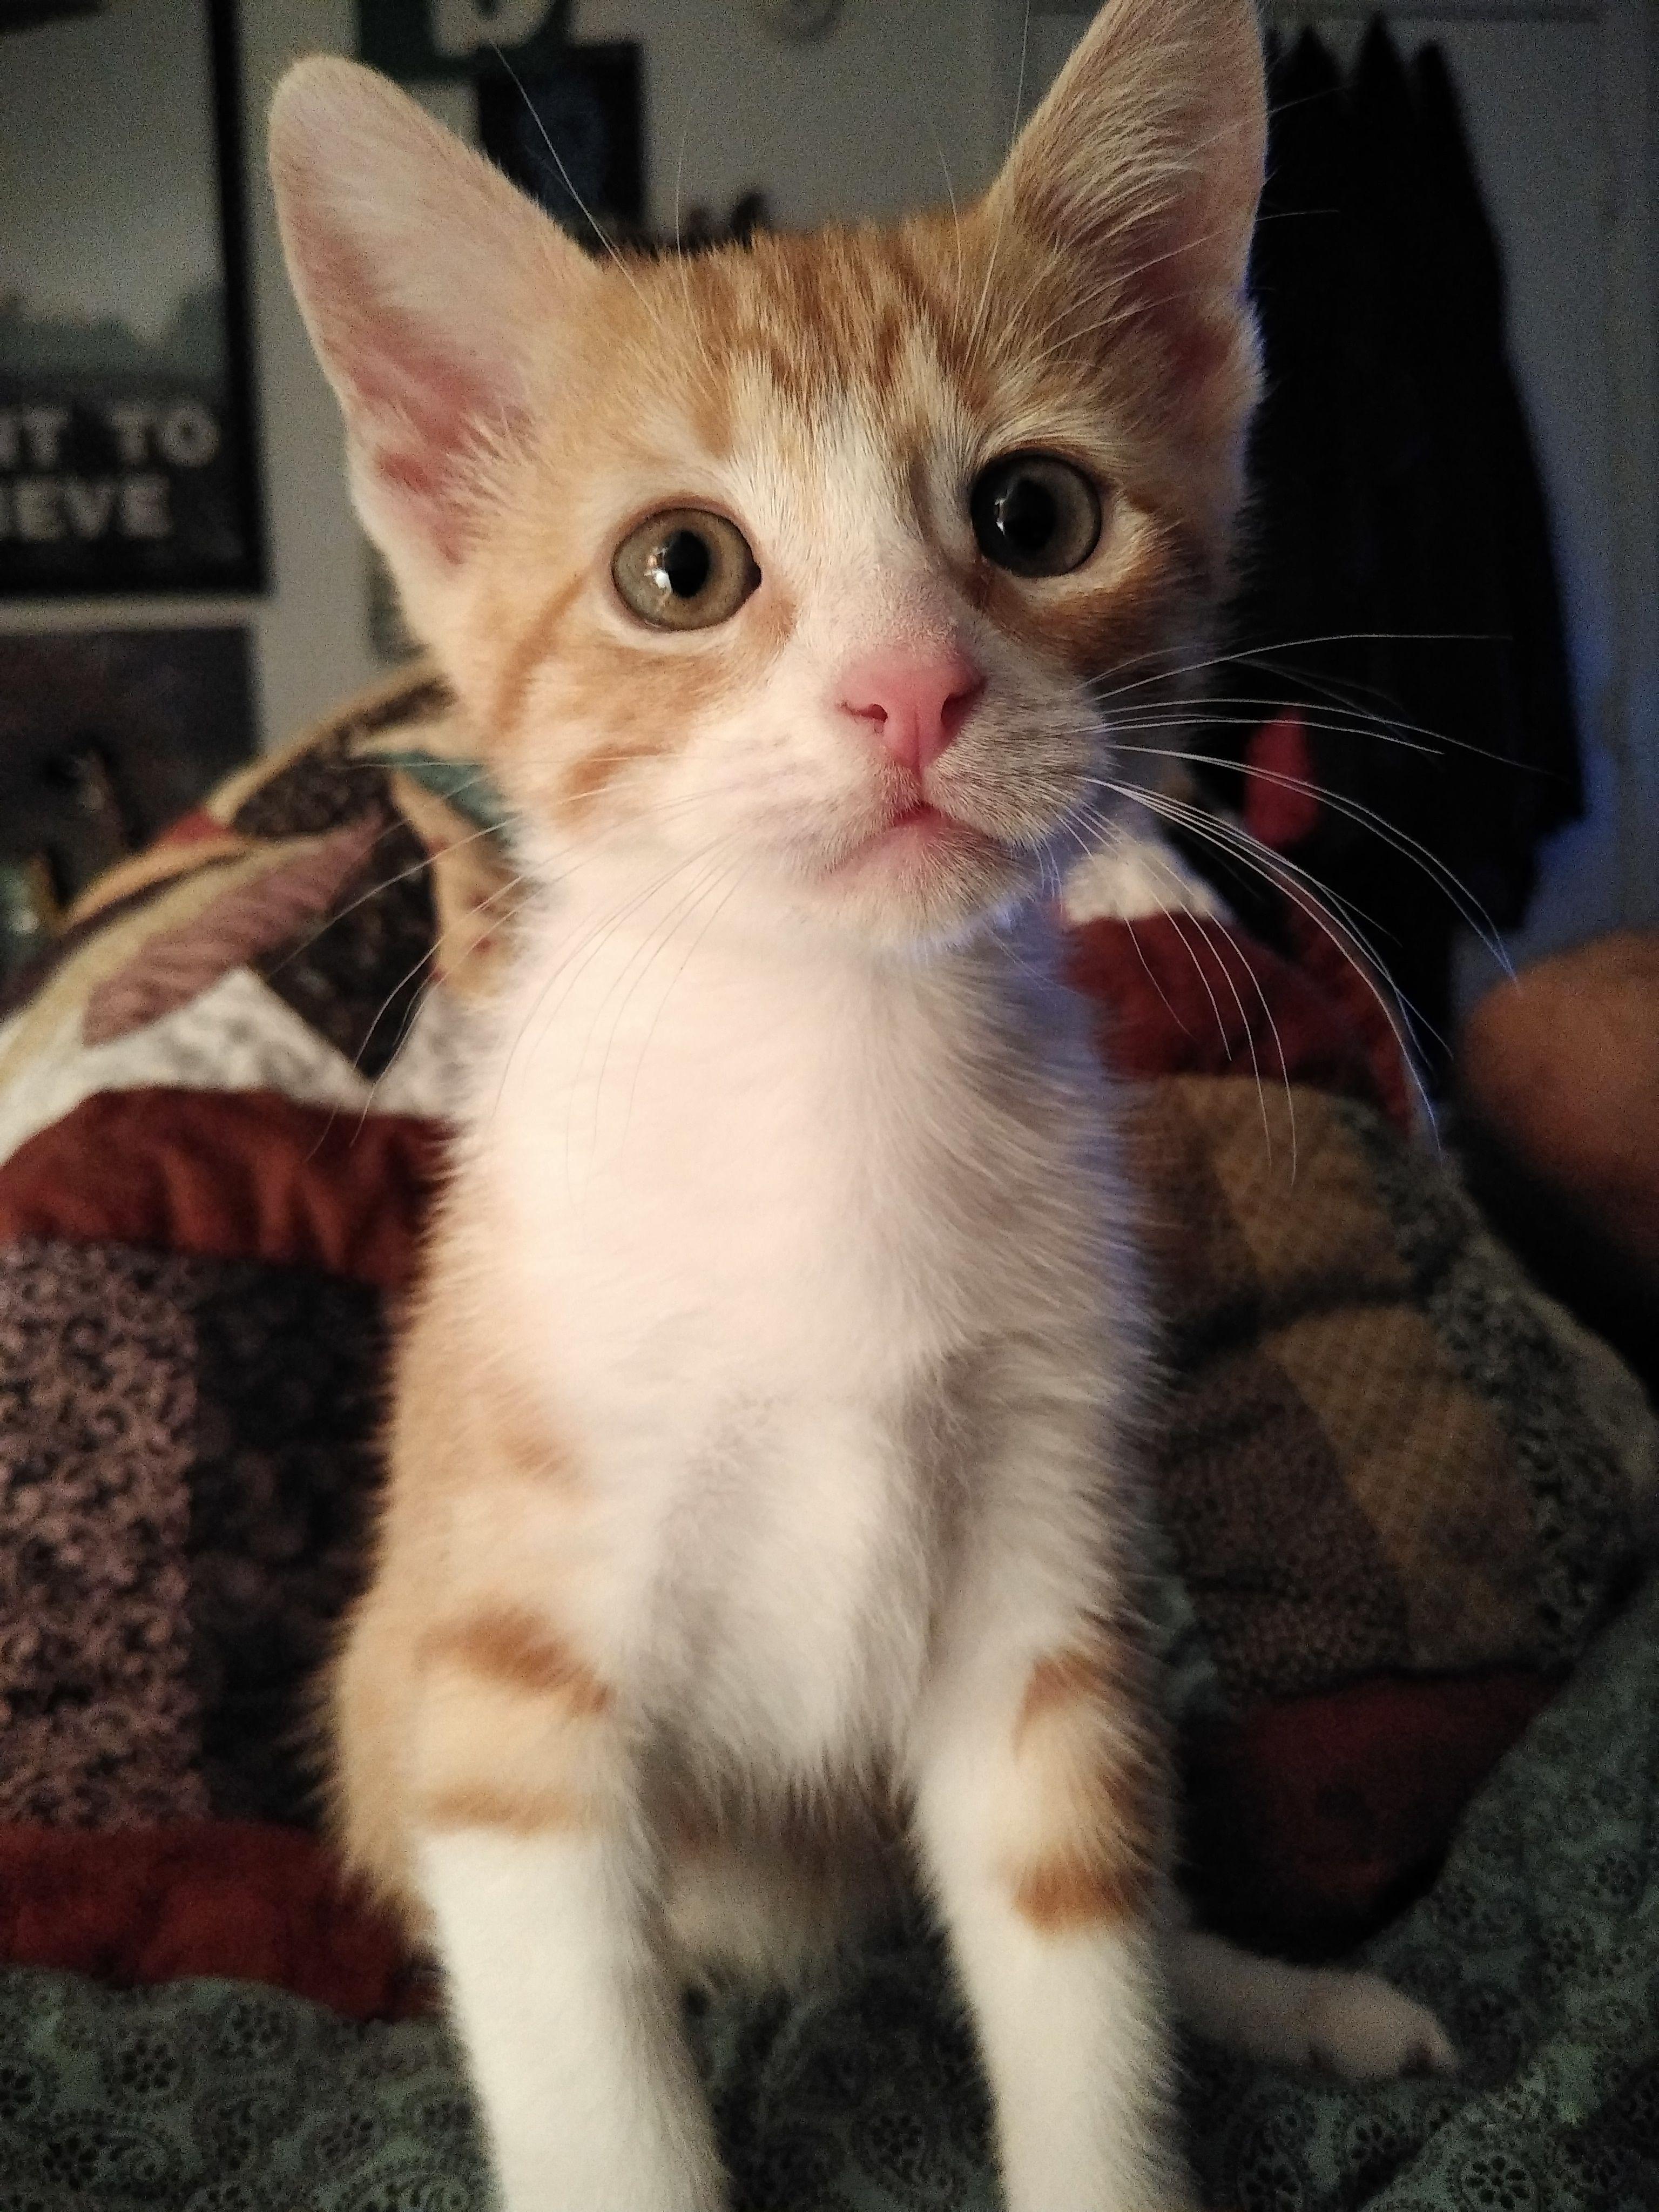 The Cutest Kitten cute cuteanimals kittens cats